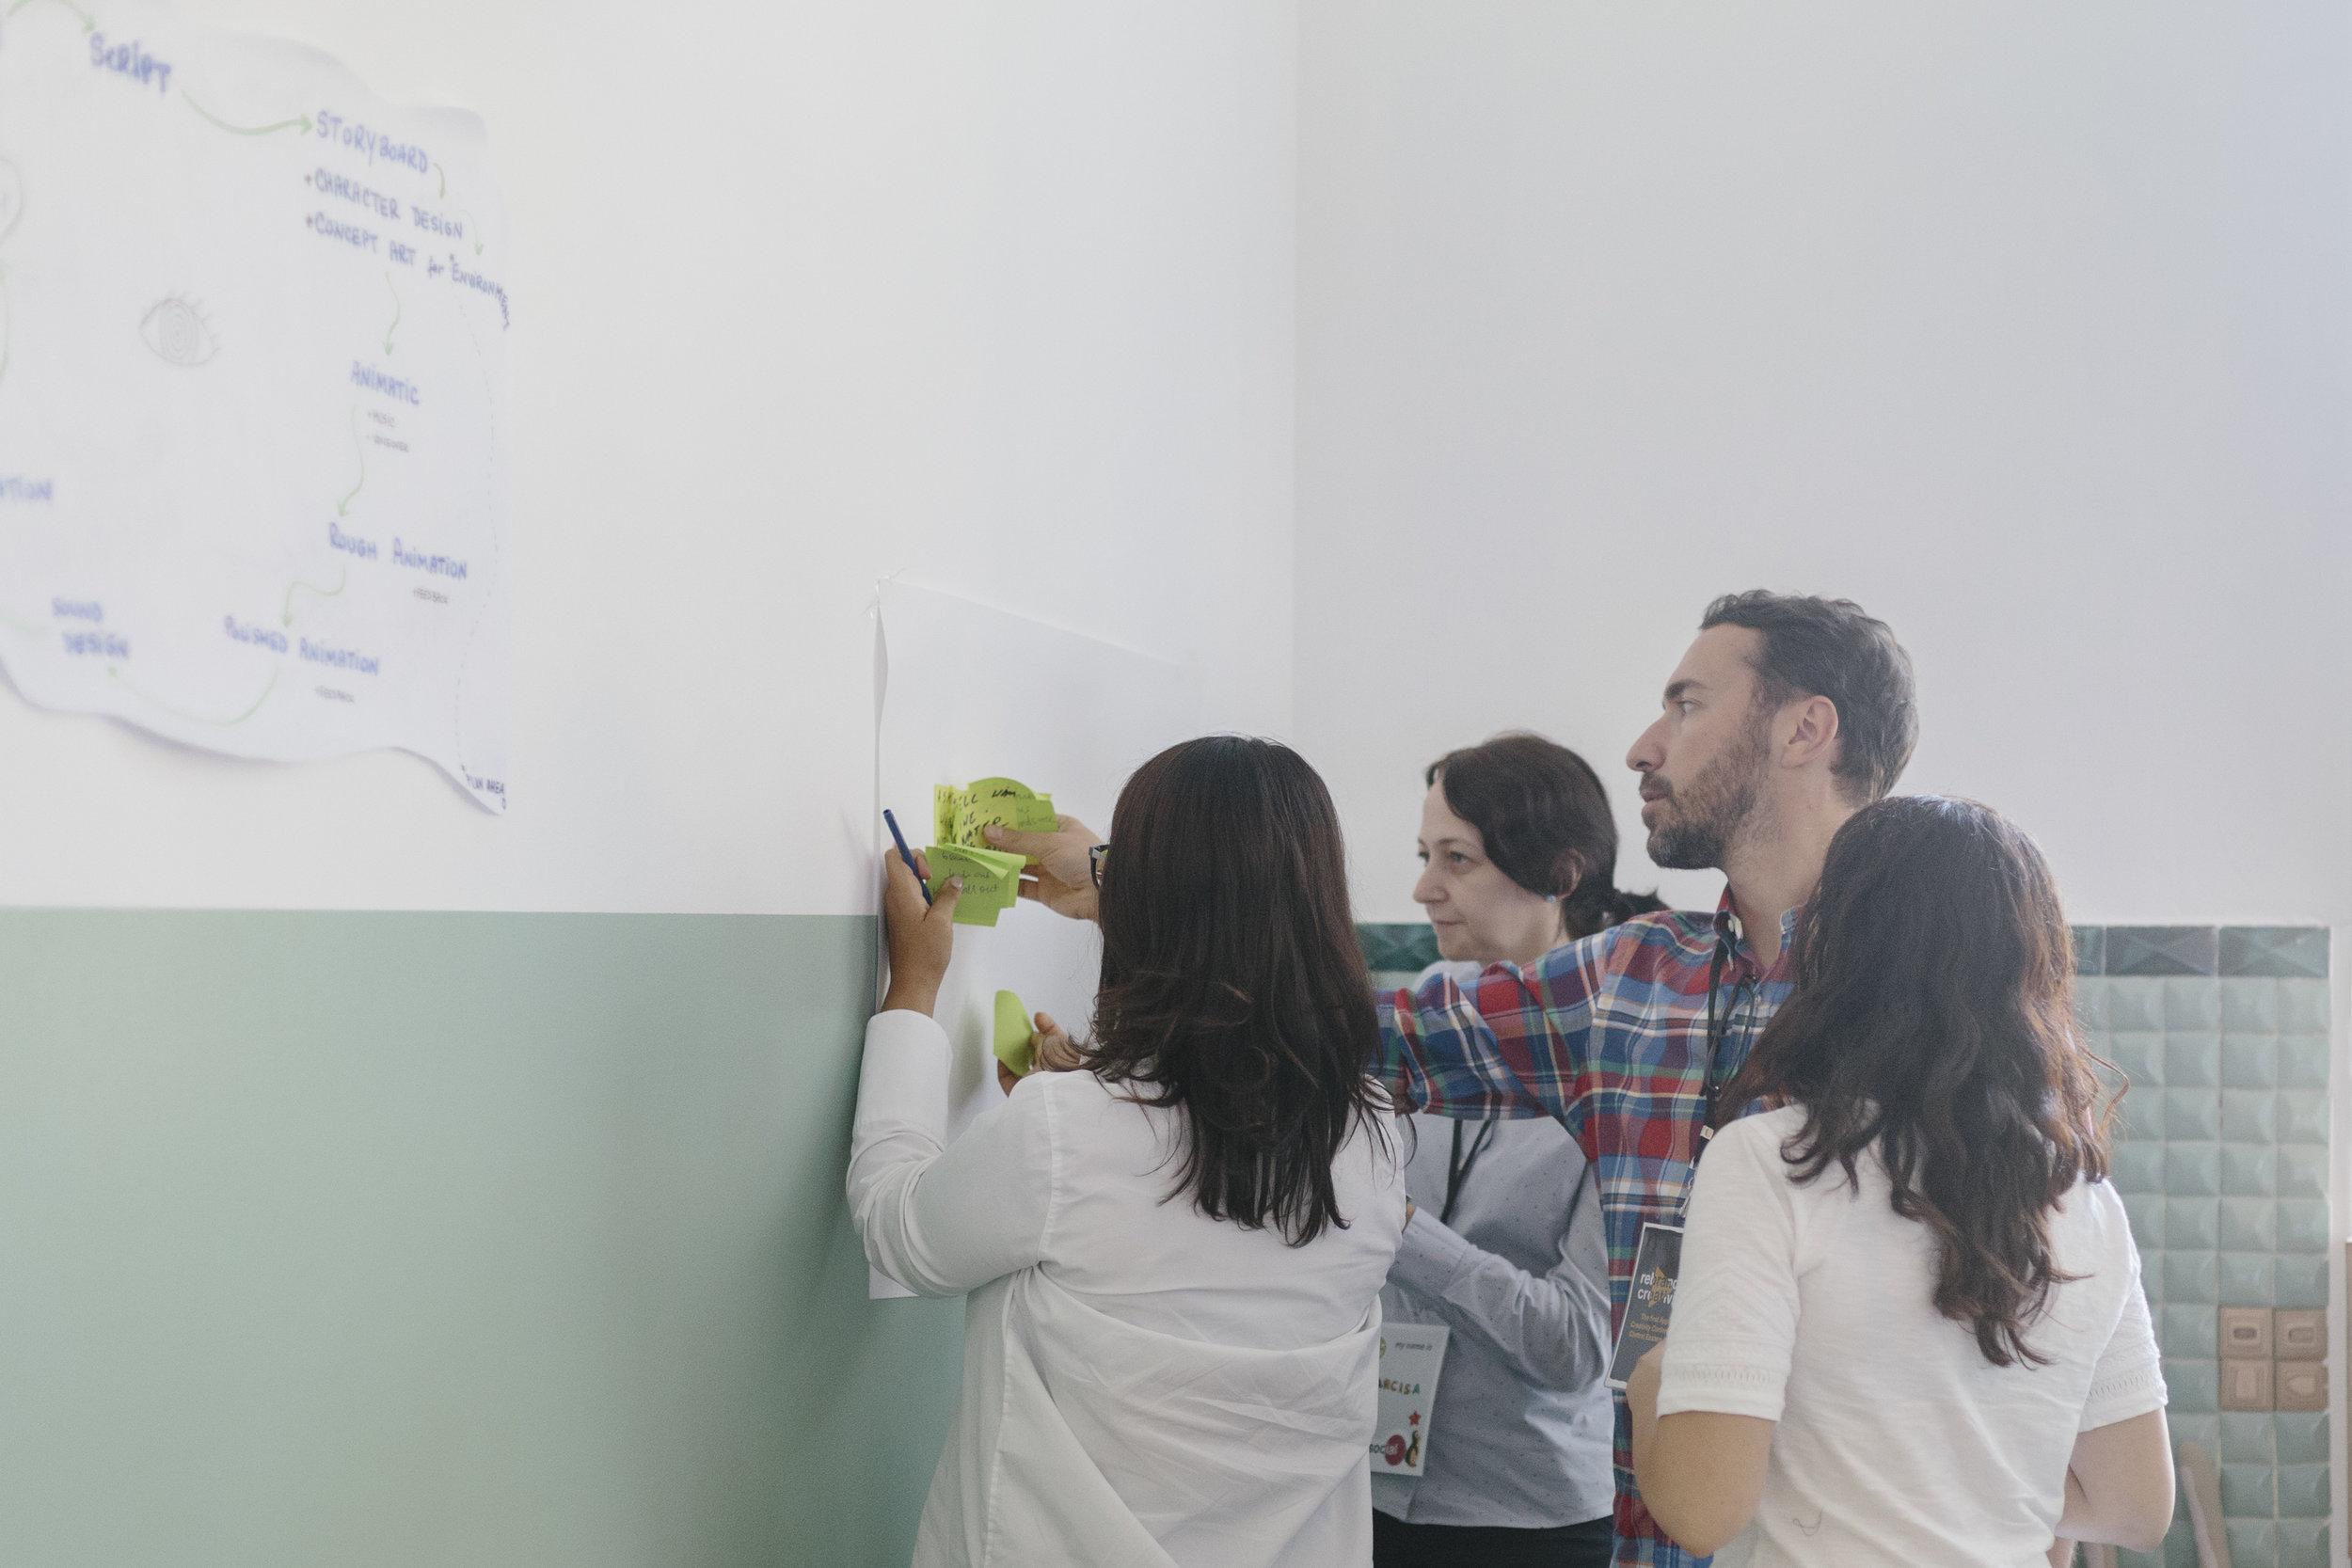 Workshop, Social Track